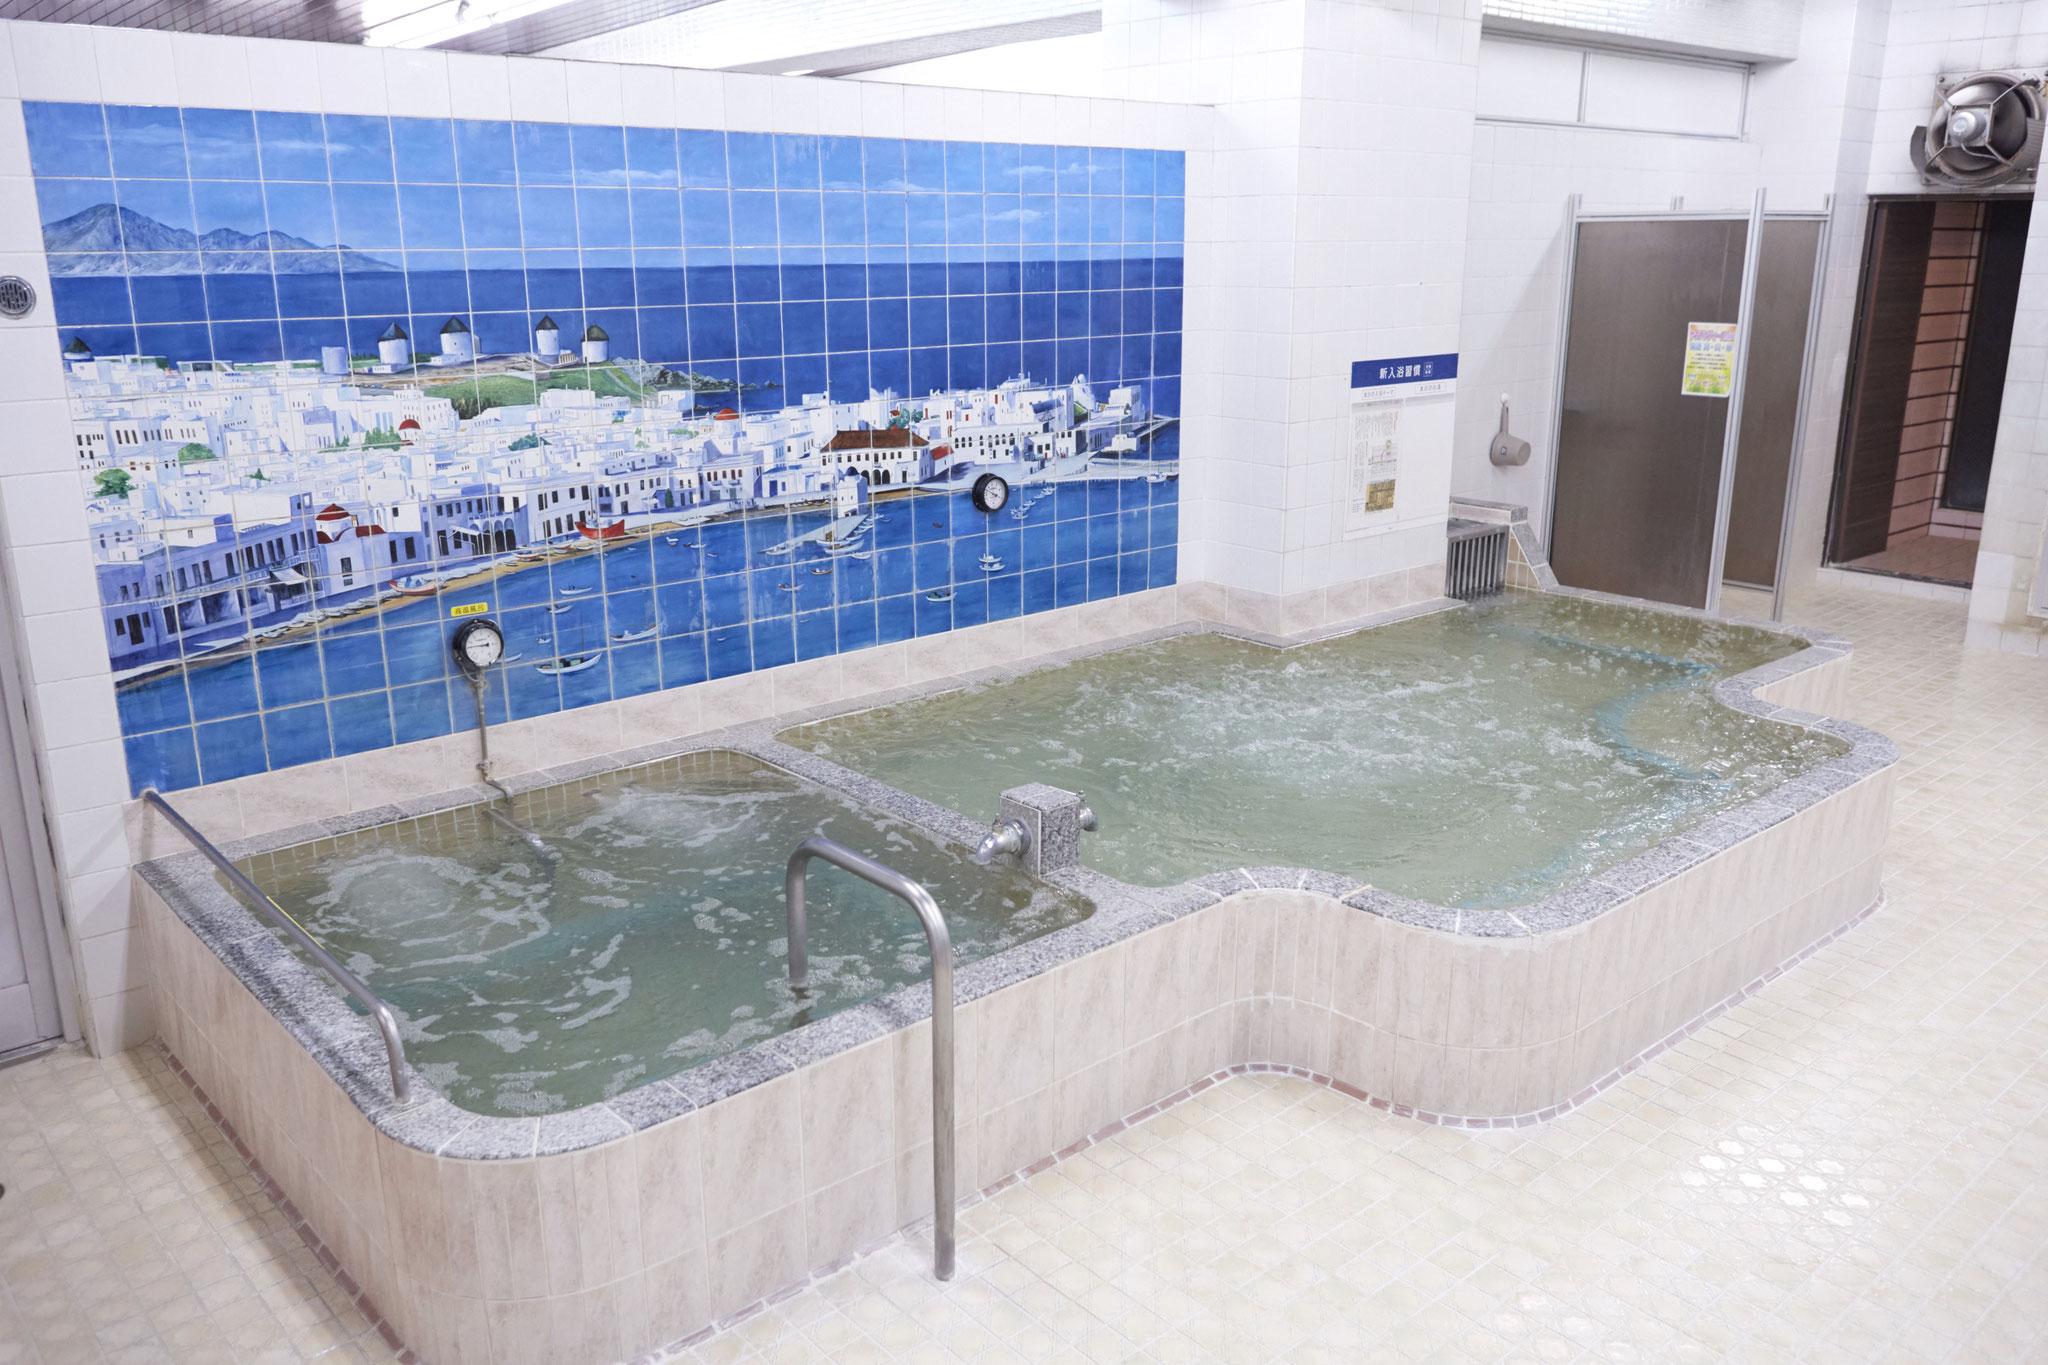 リゾート風のタイル画が かわいい広々とした浴場